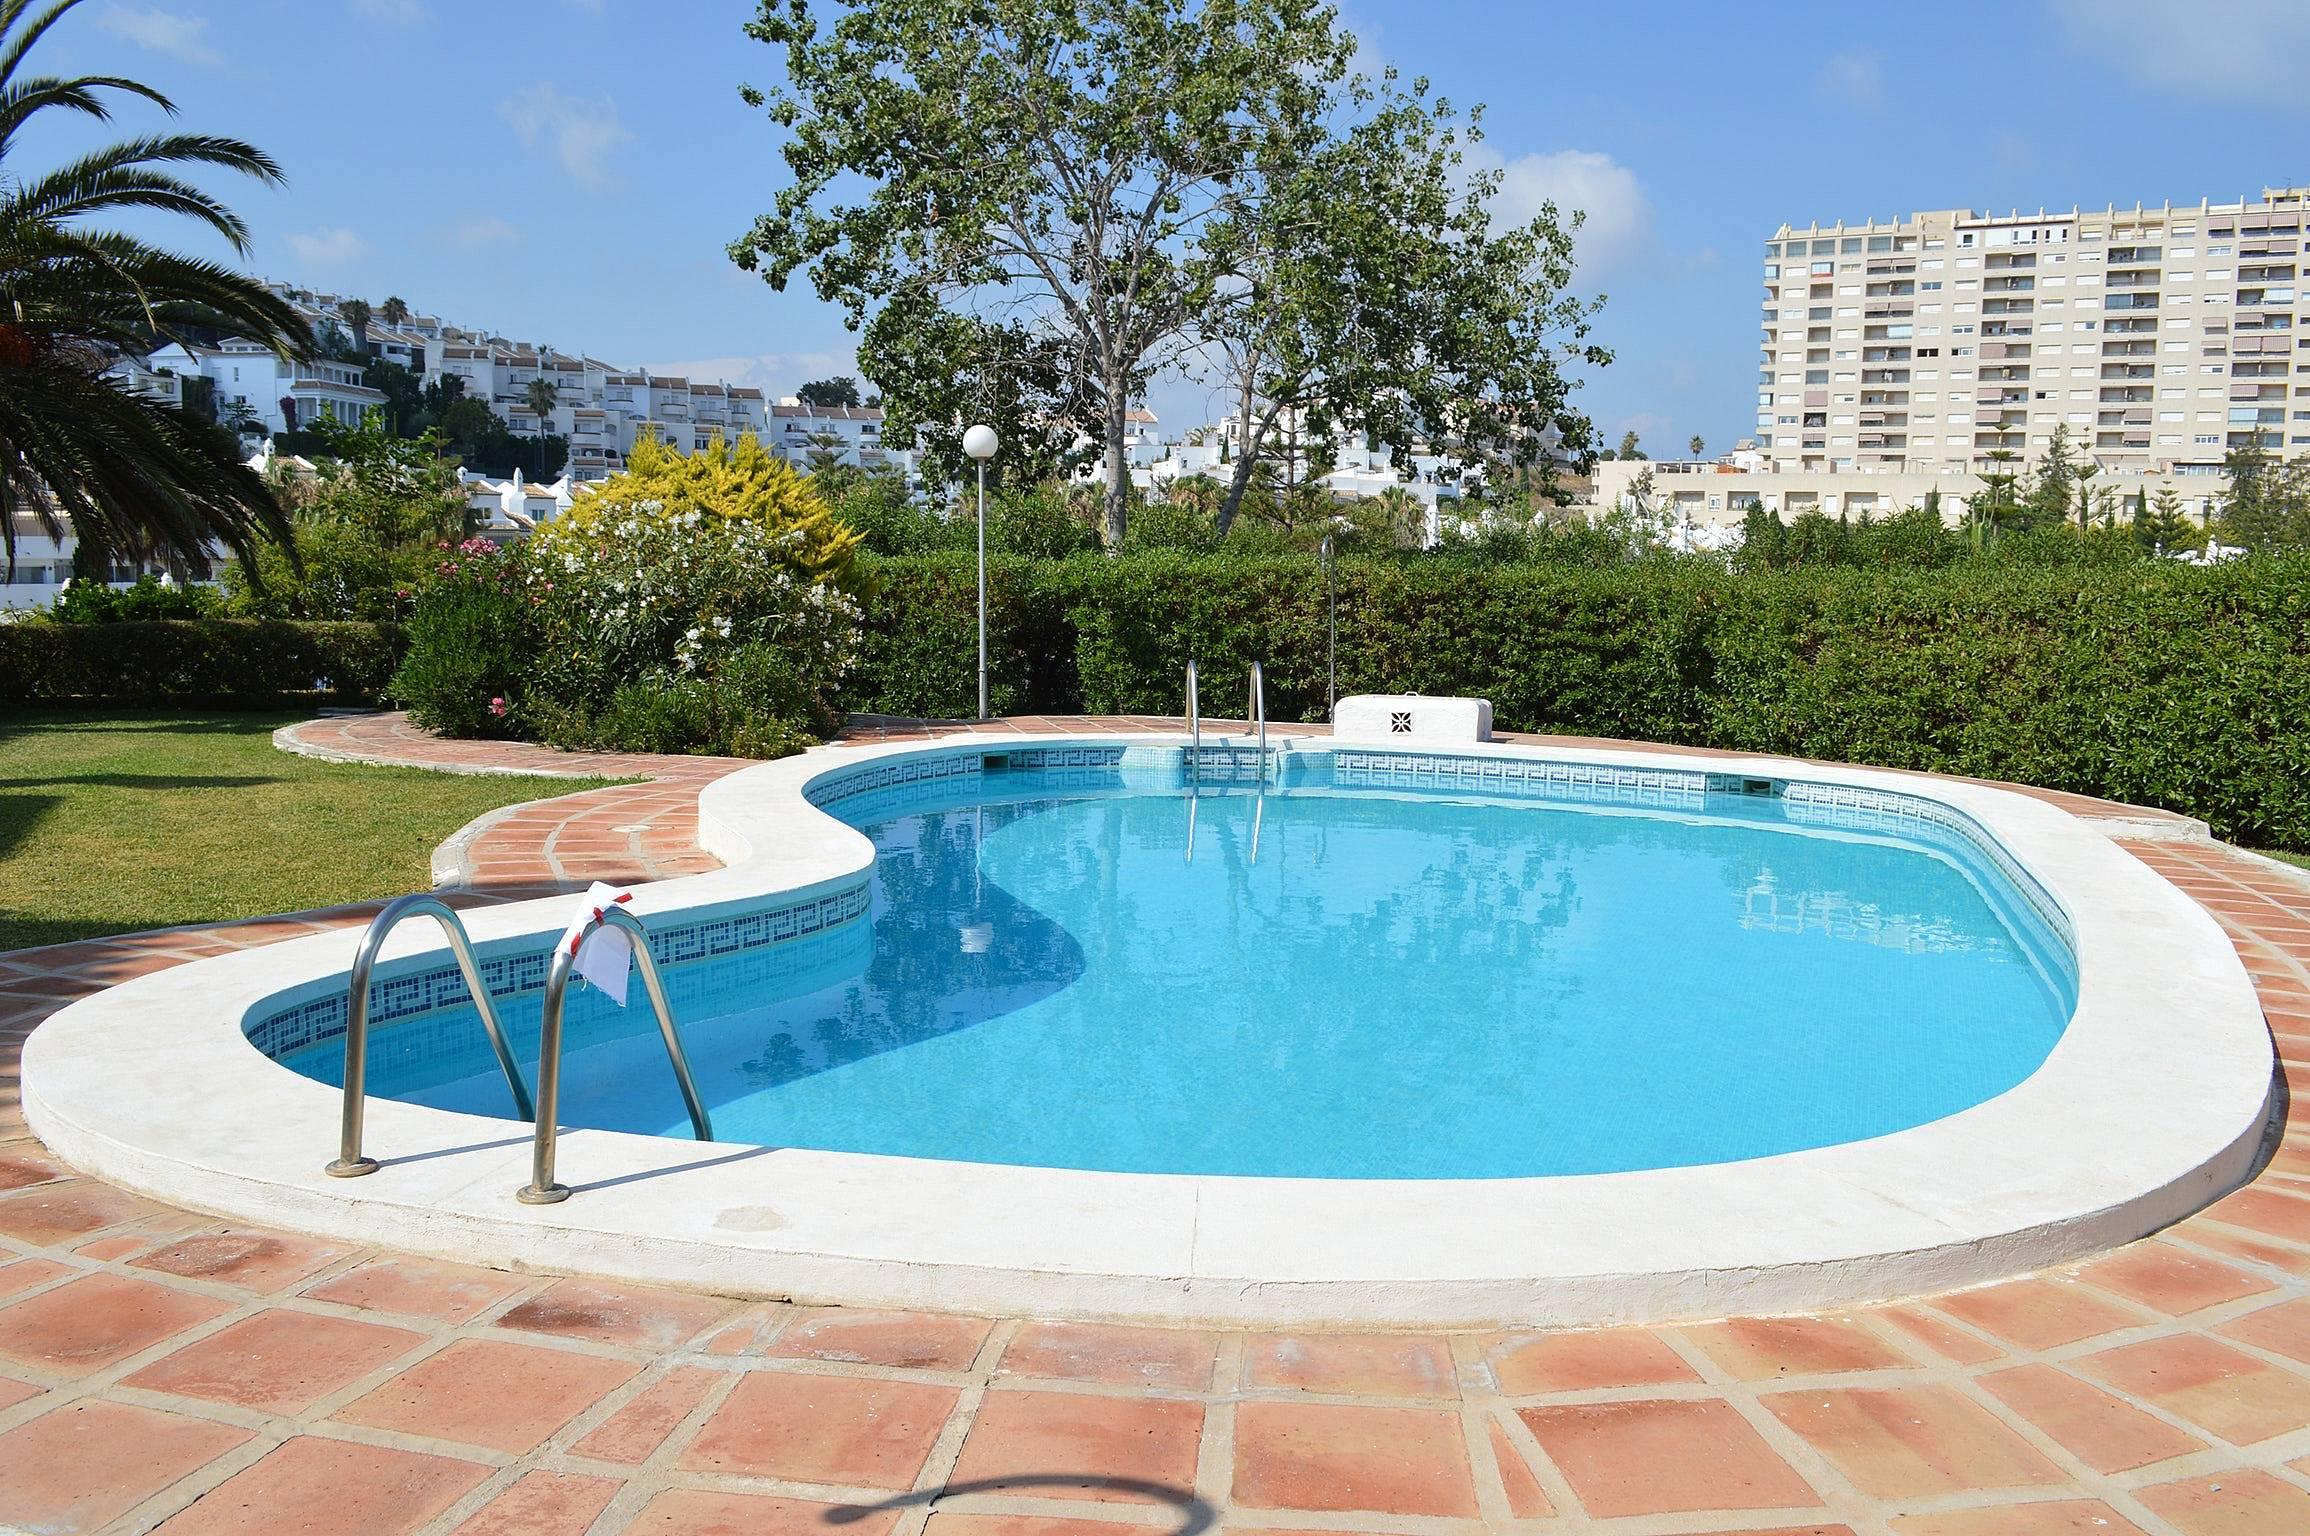 Espaciosa casa con acceso piscina torrequebrada for Piscina publica malaga